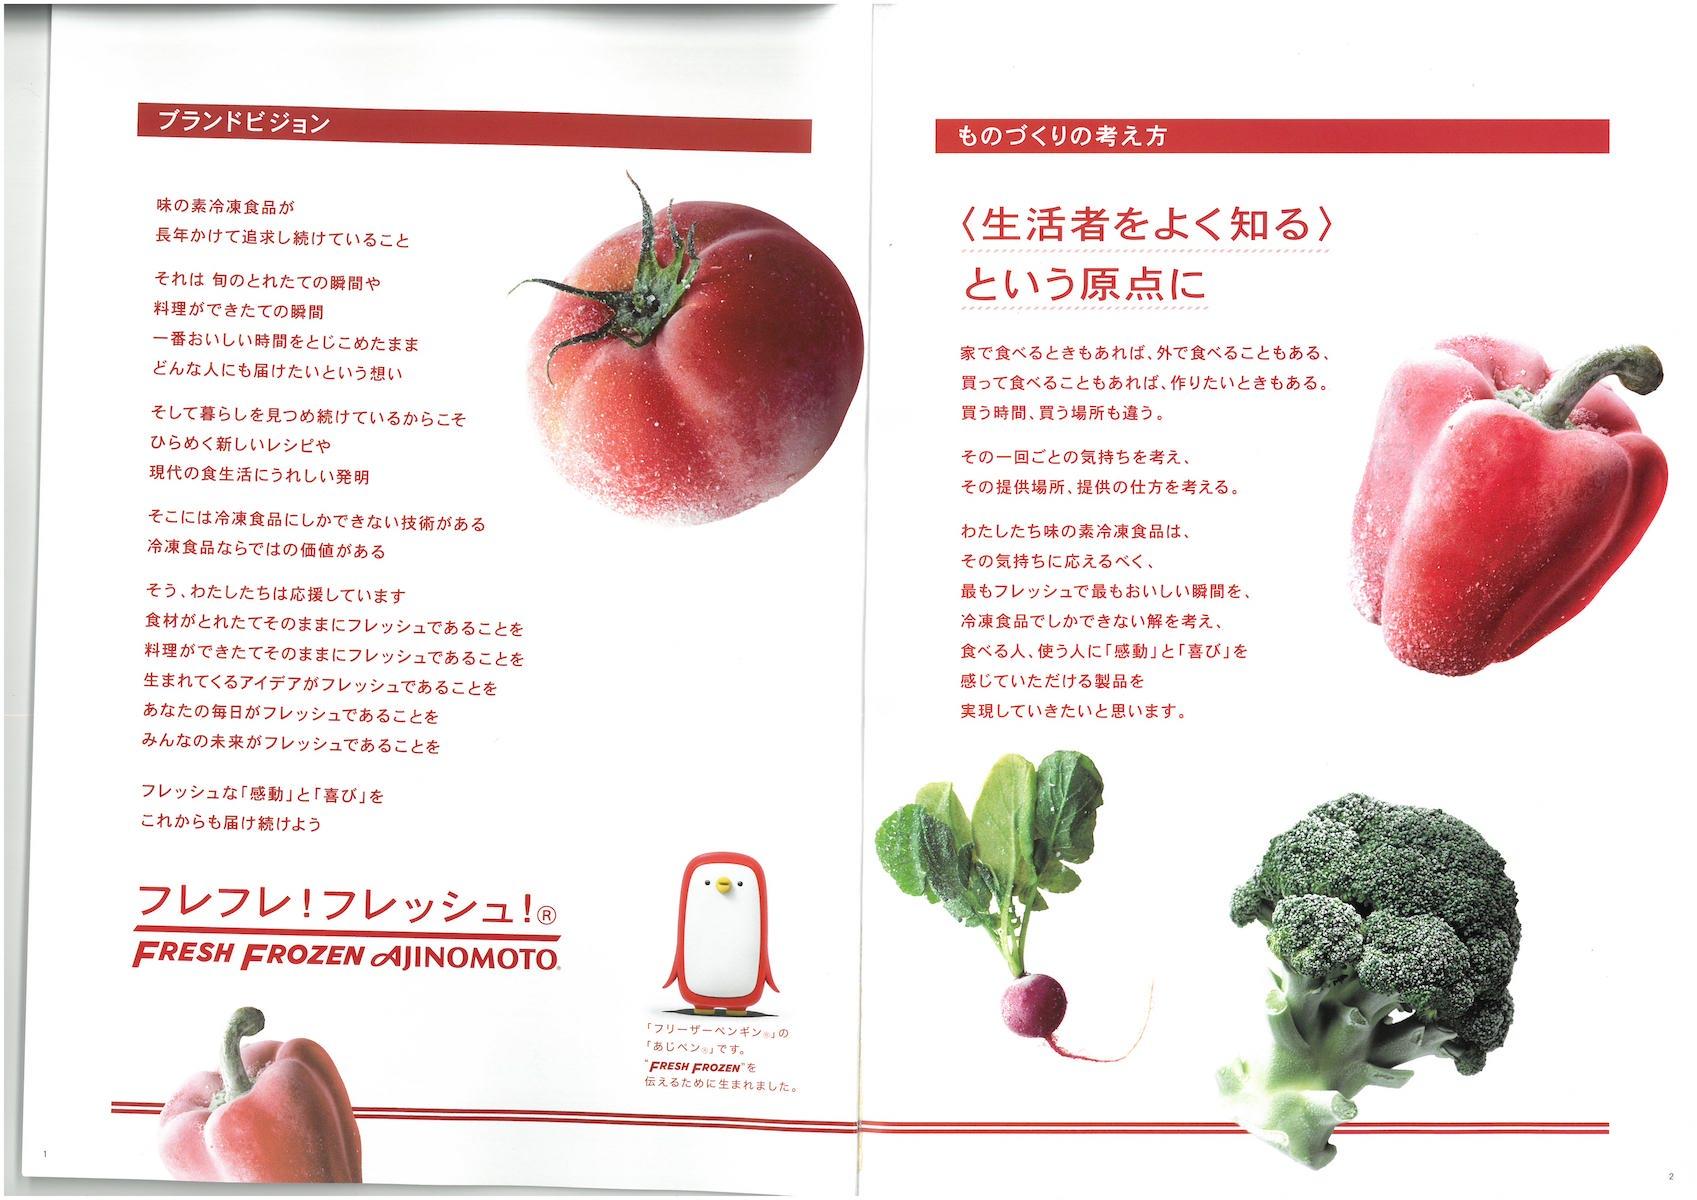 味の素冷凍食品 2021年